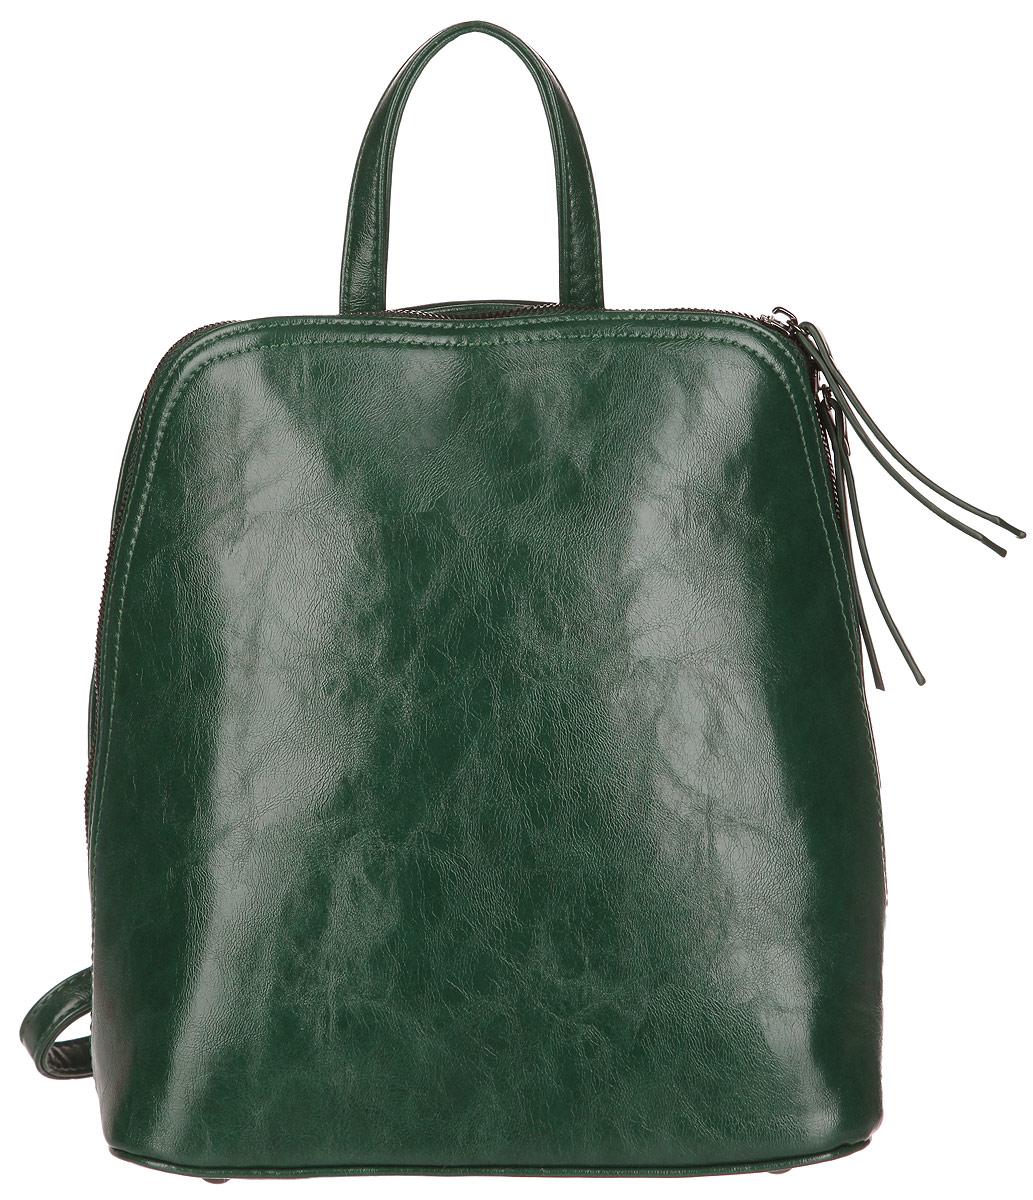 Рюкзак женский Ors Oro, цвет: темно-зеленый. D-135D-135Рюкзак выполнен из экокожи. Изделие закрывается застежку-молнию с двумя бегунками. На лицевой стороне изделия - втачной карман на застежке-молнии. Внутри - большое отделение, которое дополнено одним втачным карманом на застежке-молнии и двумя не большими накладными кармашками для телефона и разных мелочей. Изделие оснащено удобными плечевыми лямками, которые регулируются по длине. В случае необходимости лямки можно отстегнуть. В этом сезоне этот модный аксессуар поможет вам быть в тренде!